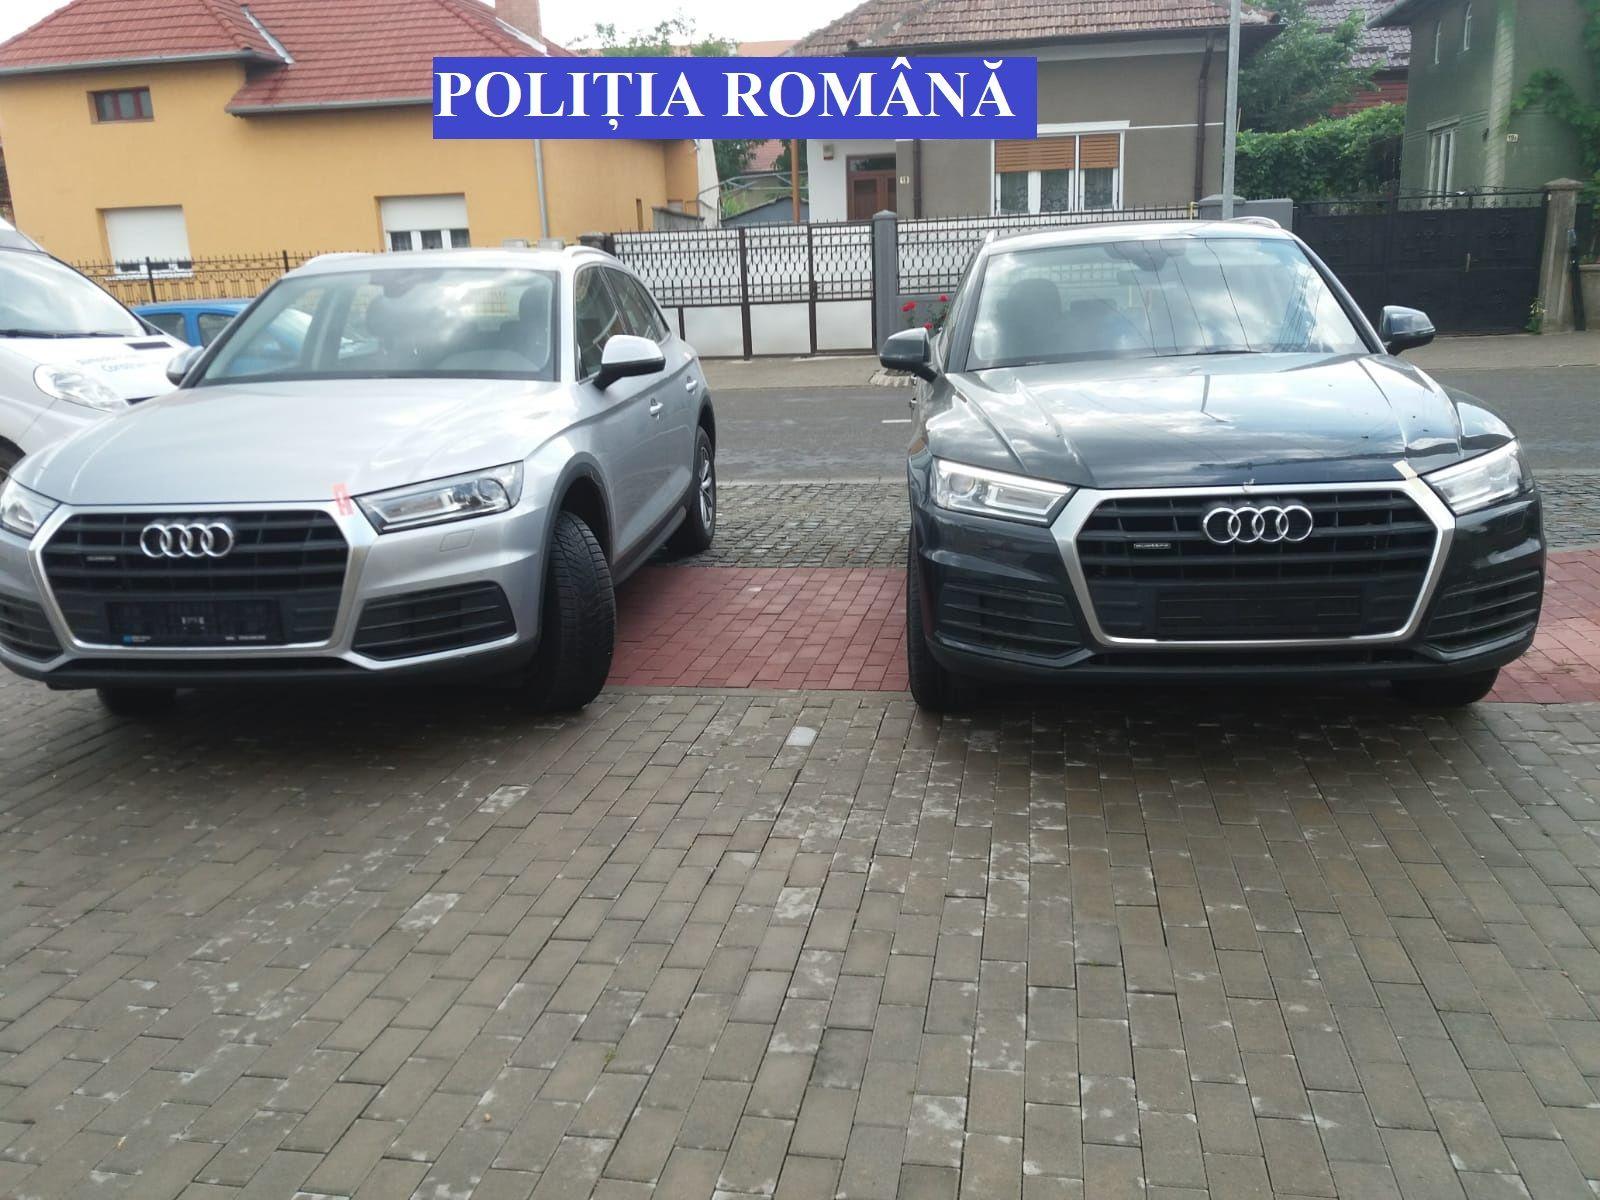 Foto-video: Caz de trafic cu mașini de lux, anchetat de polițiștii din Alba